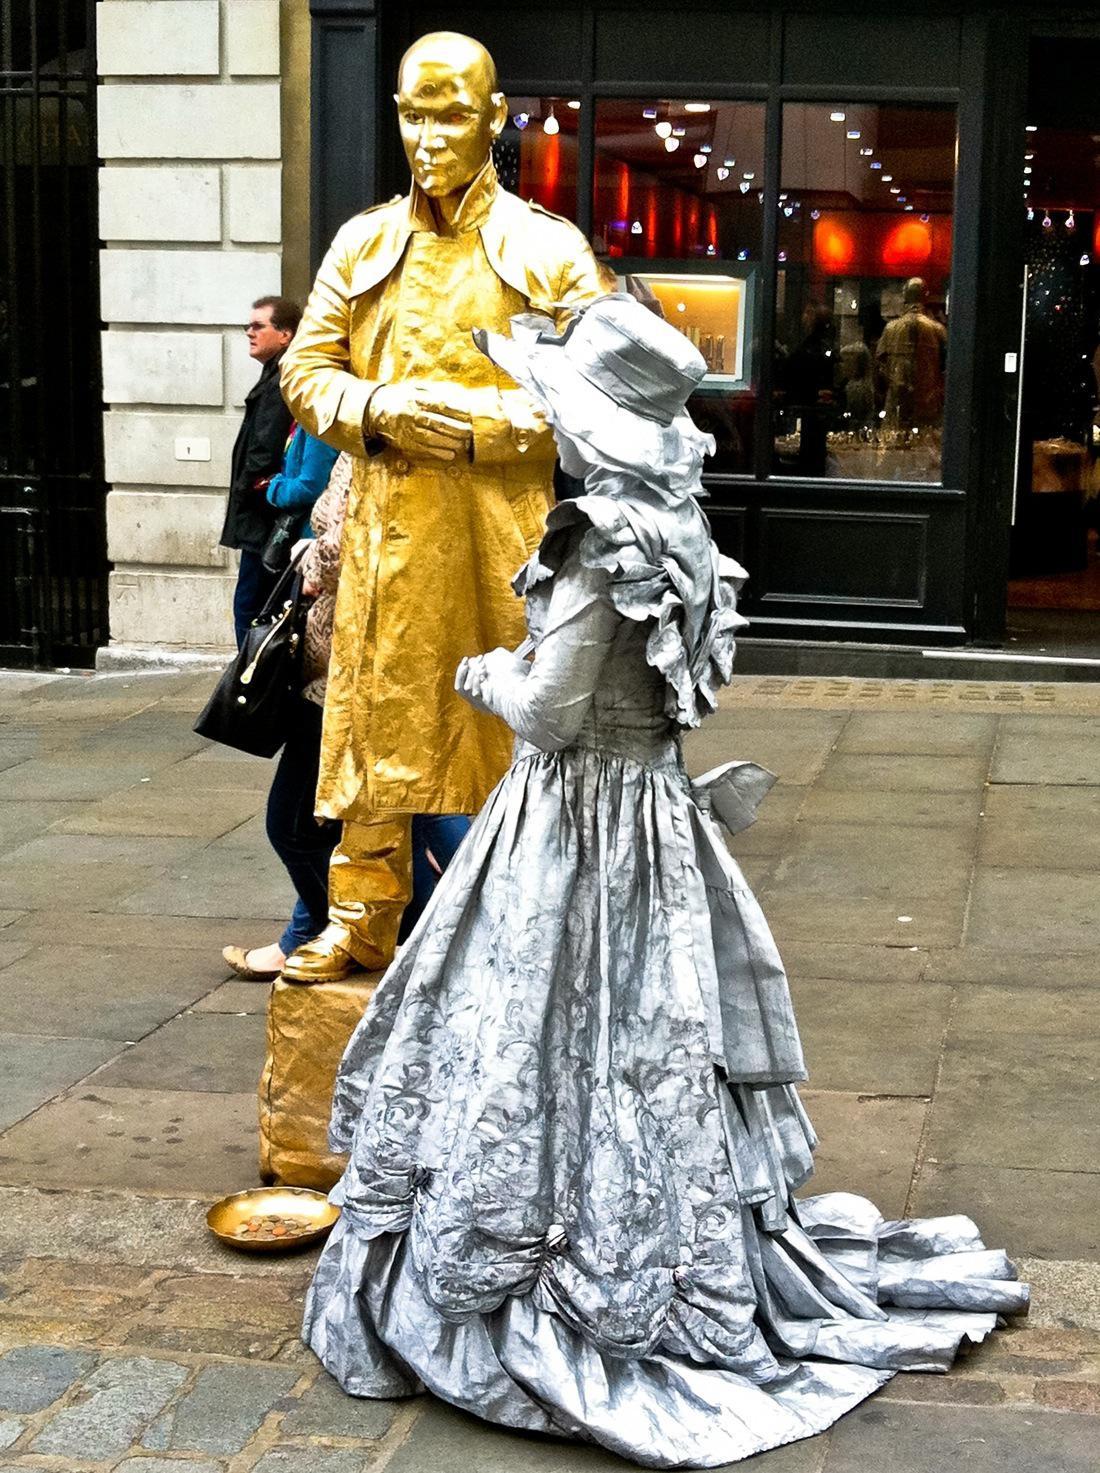 London Street Performers